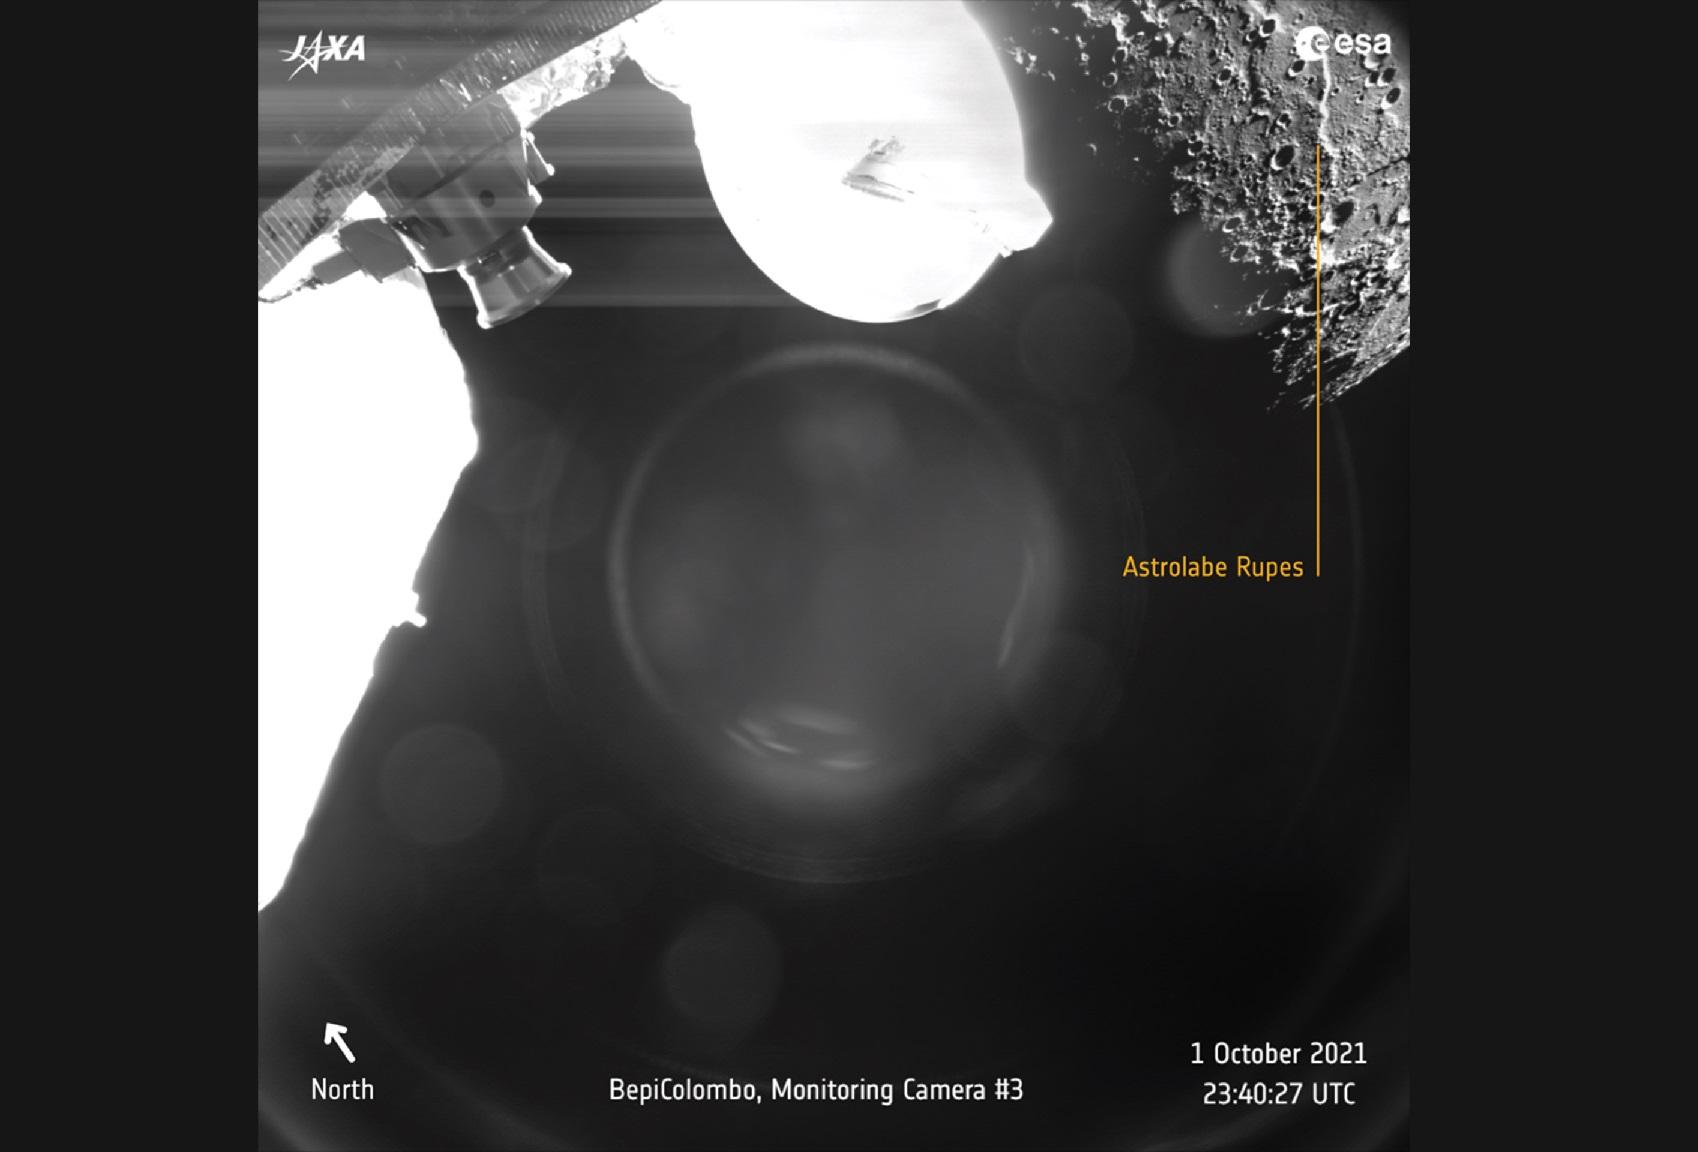 La histórica misión BepiColombo fotografió a Mercurio por primera vez